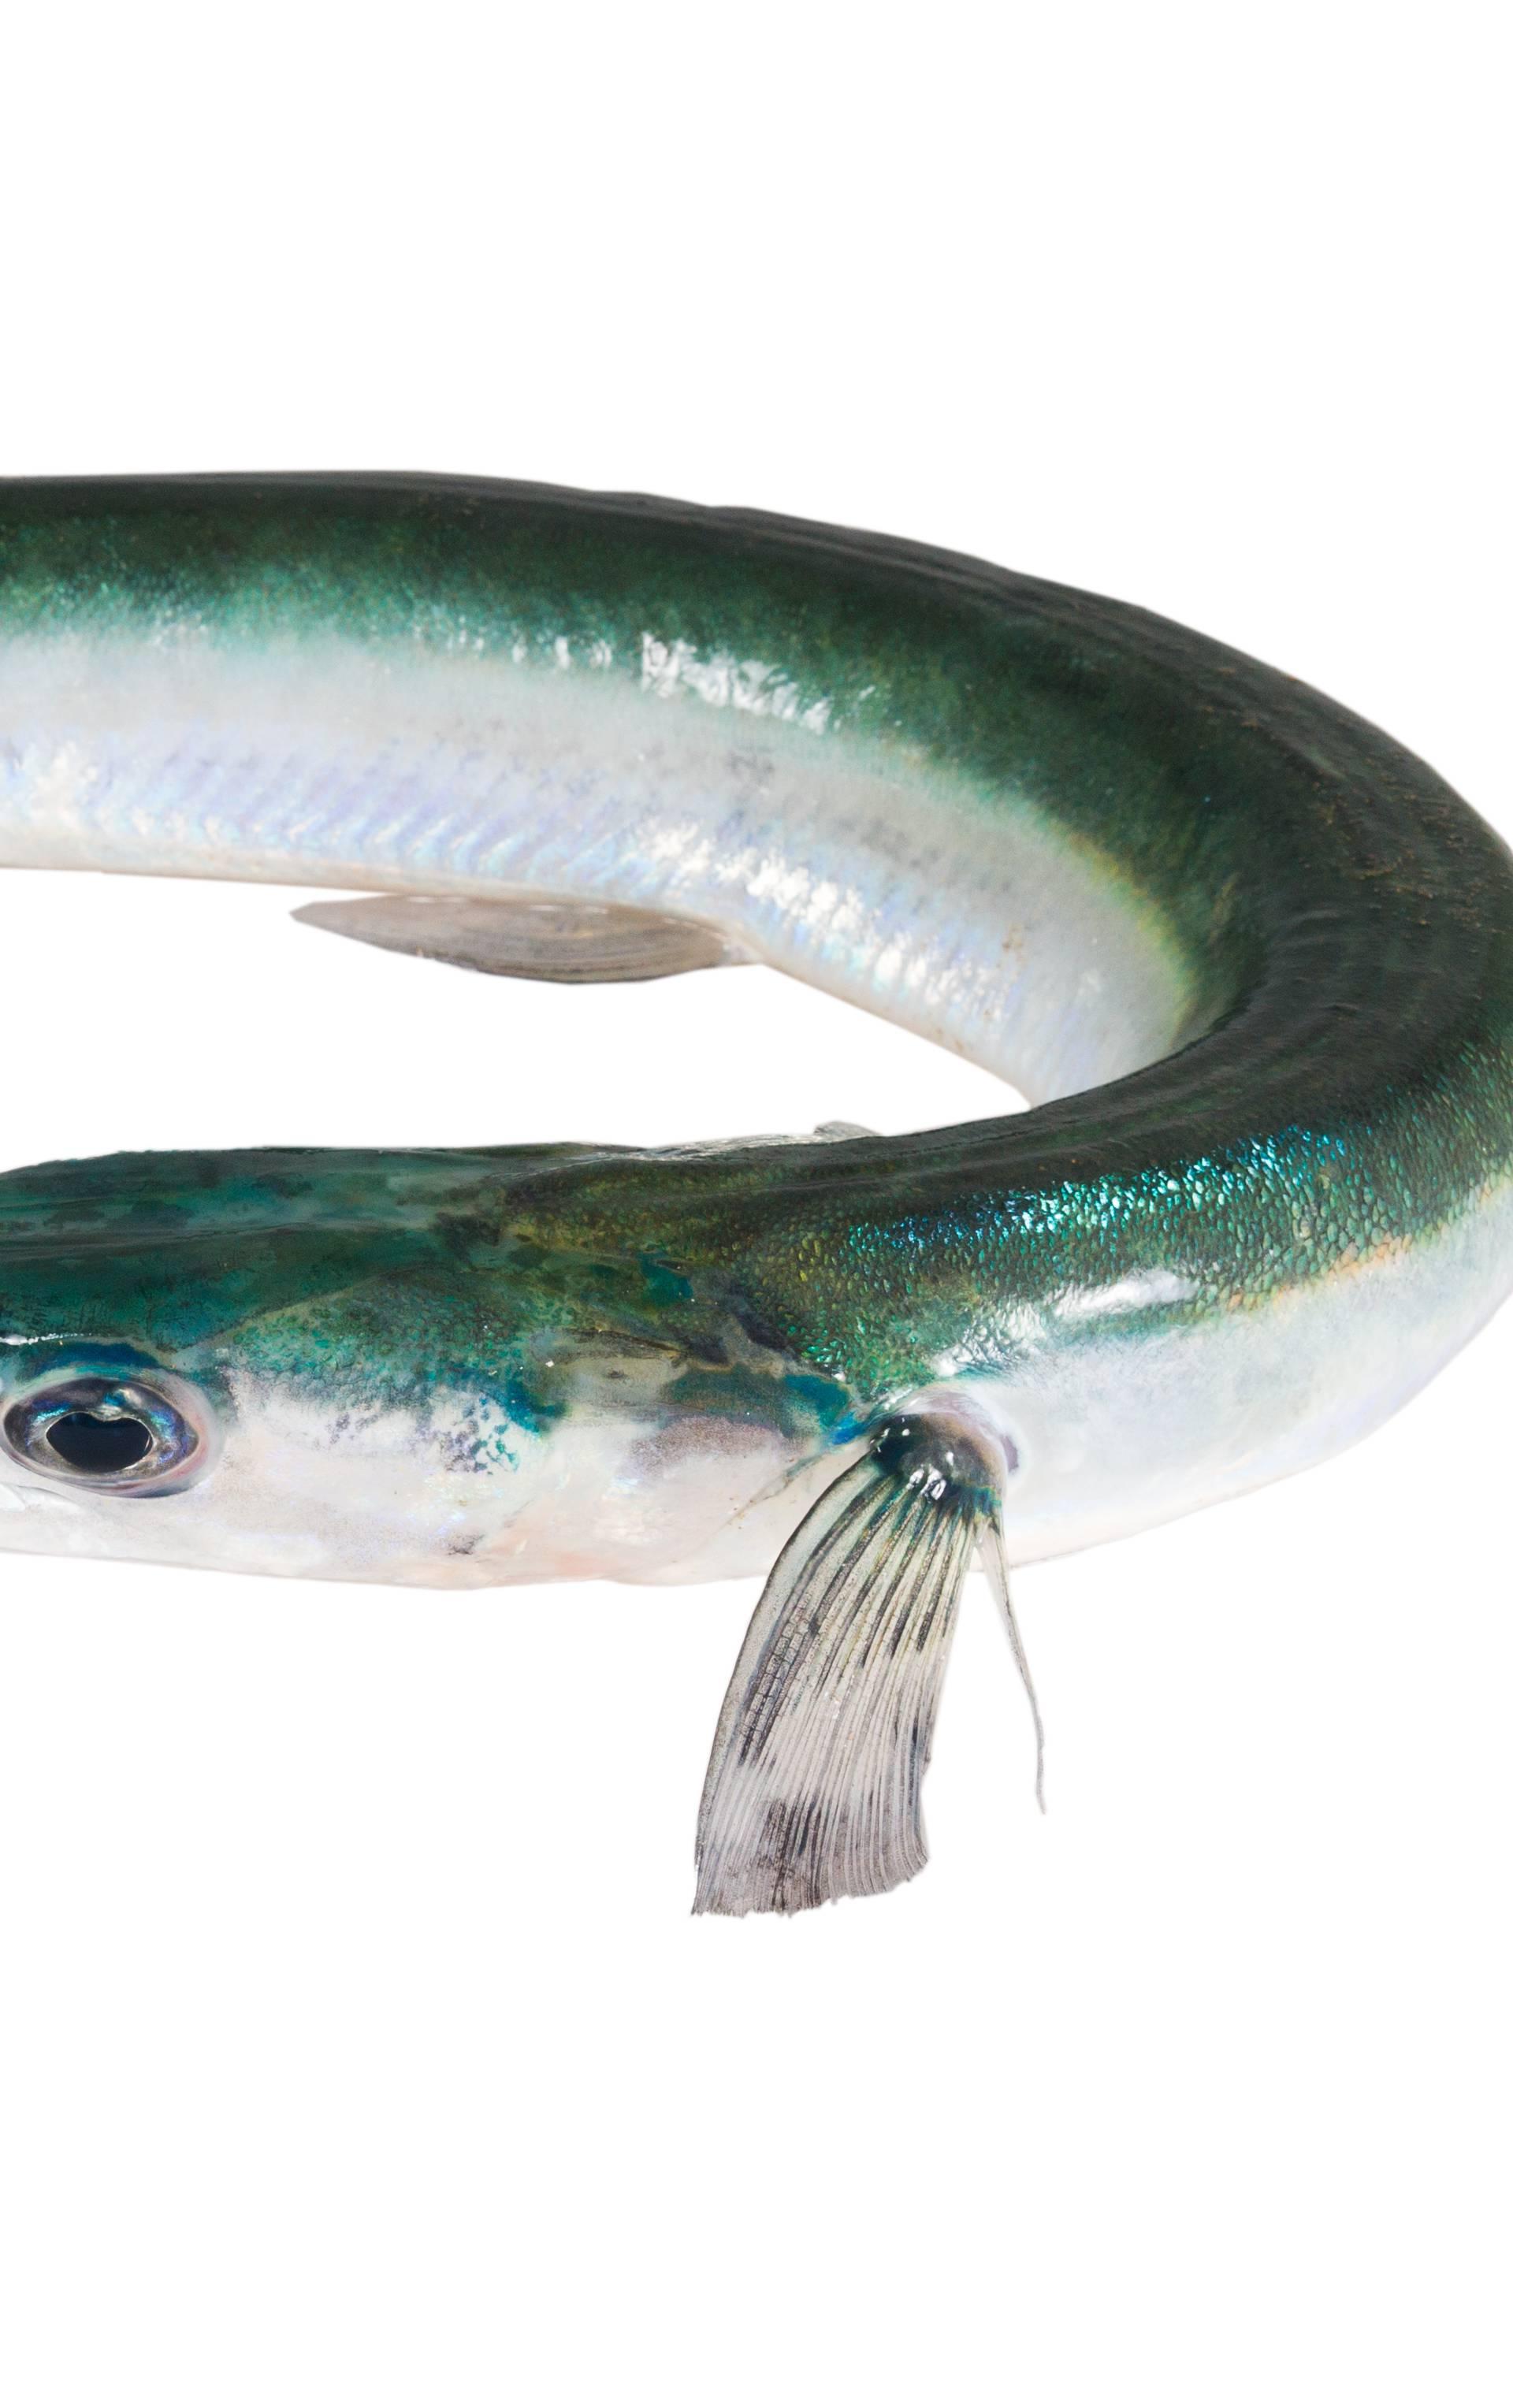 Bizarna ozljeda: Riba kupačicu ubola u oko, čeka operaciju